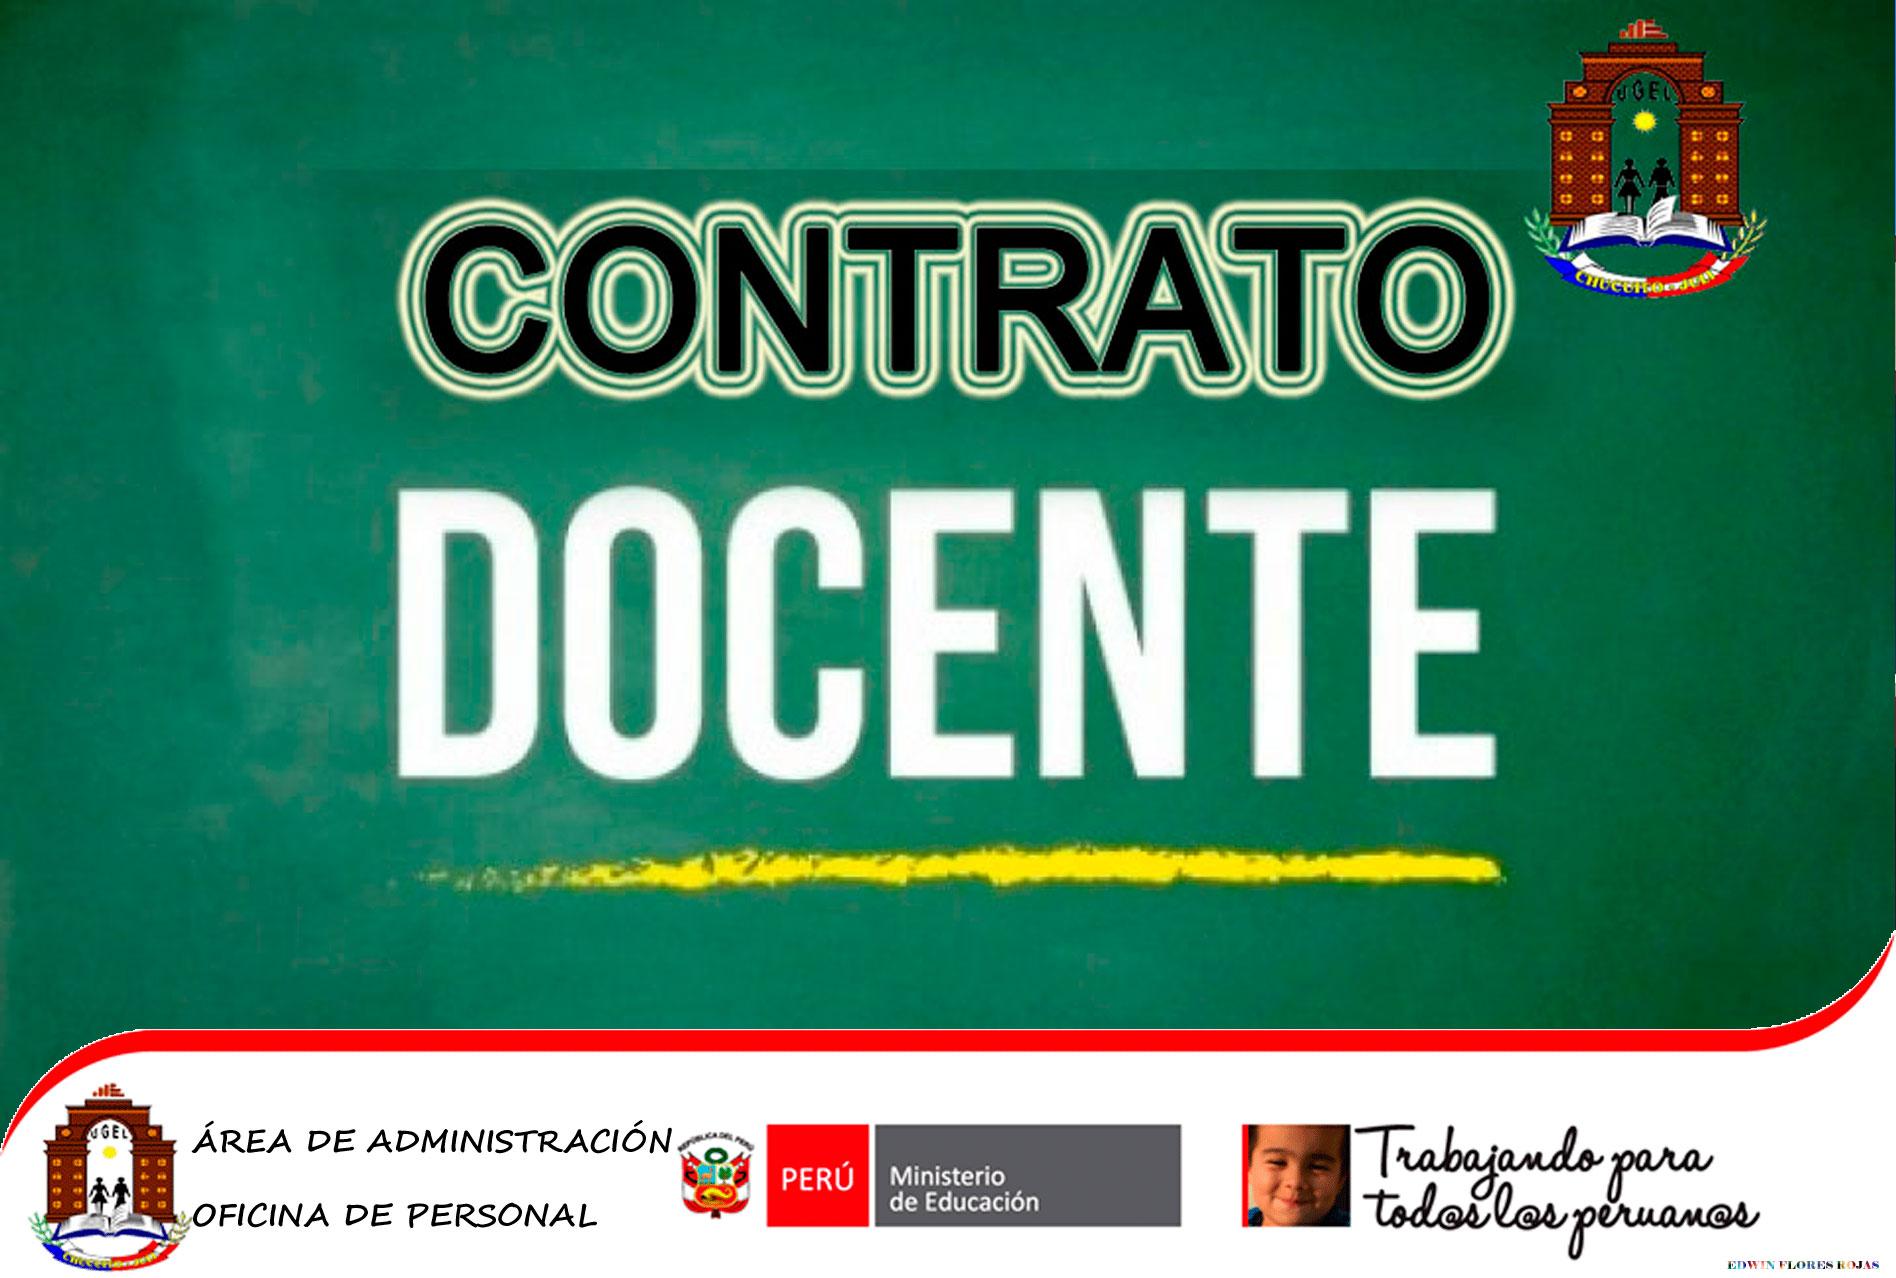 CRONOGRAMA REGIONAL DEL PROCESO DE CONTRATO DOCENTE 2020 – DRE PUNO. D.S. N° 017-2019-MINEDU